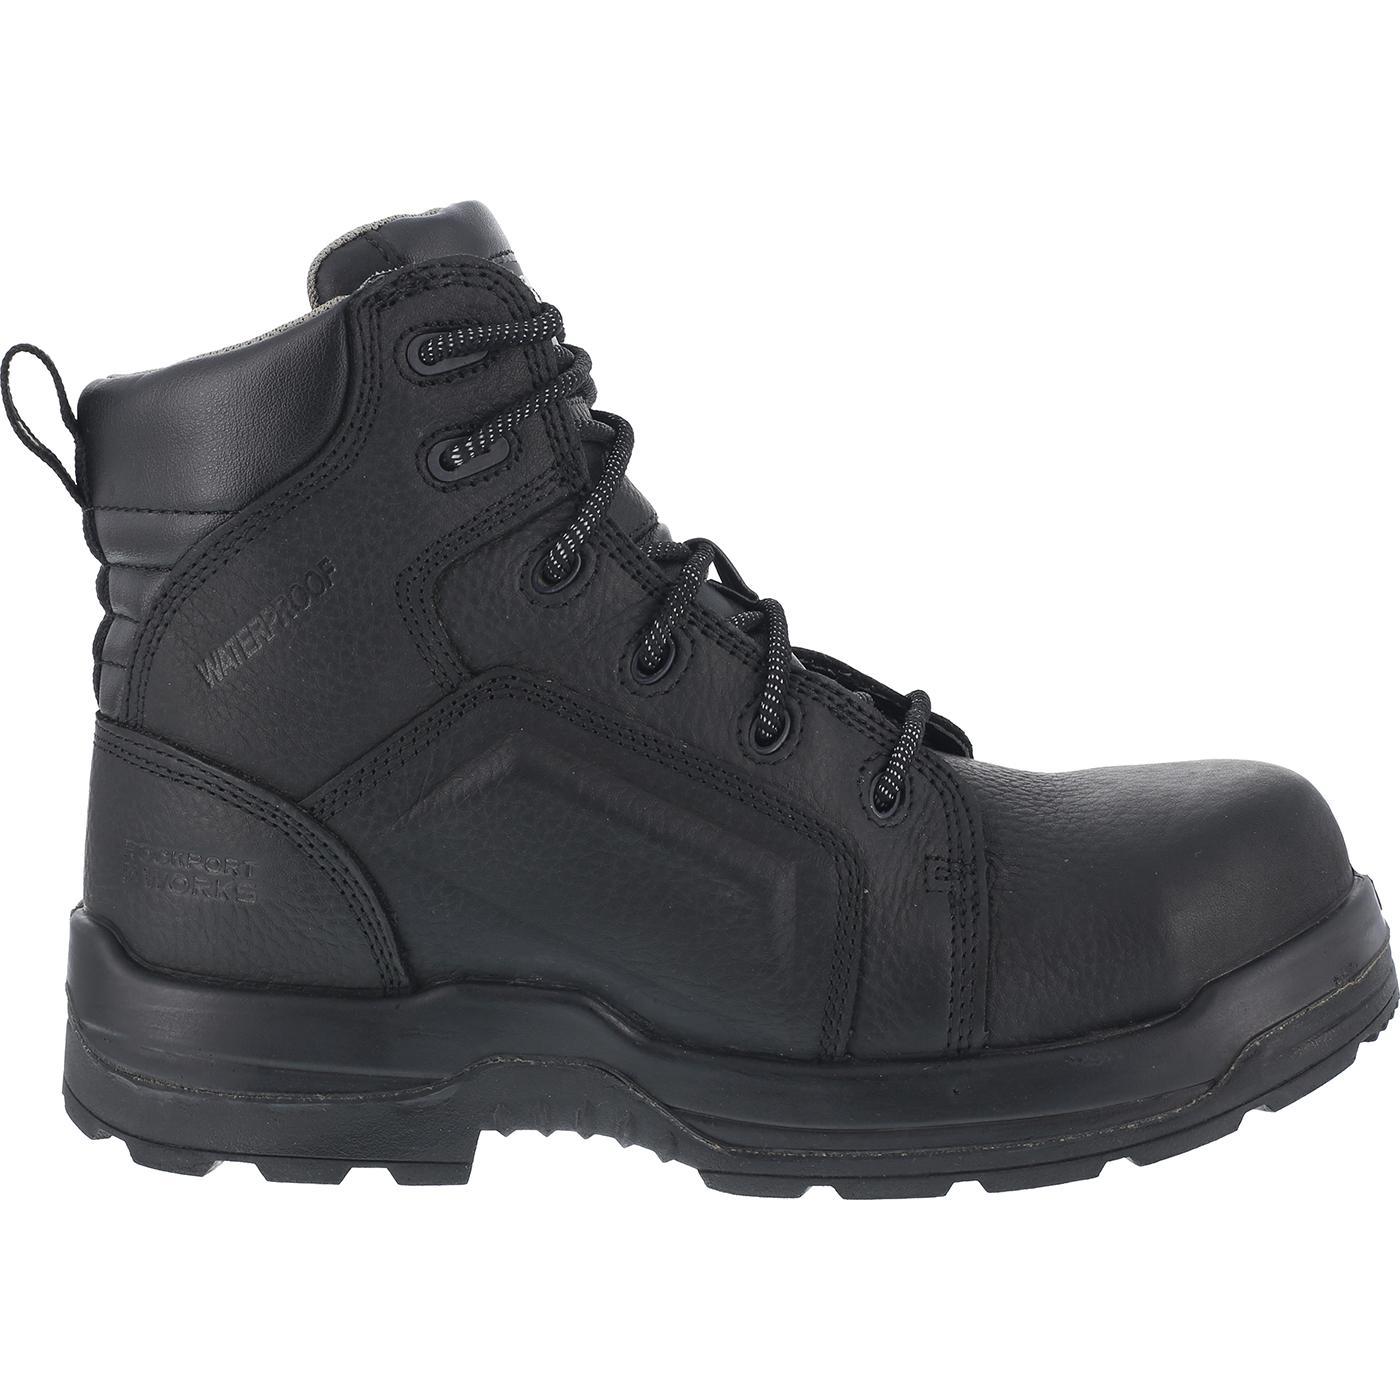 rockport s composite toe waterproof work boots rk635